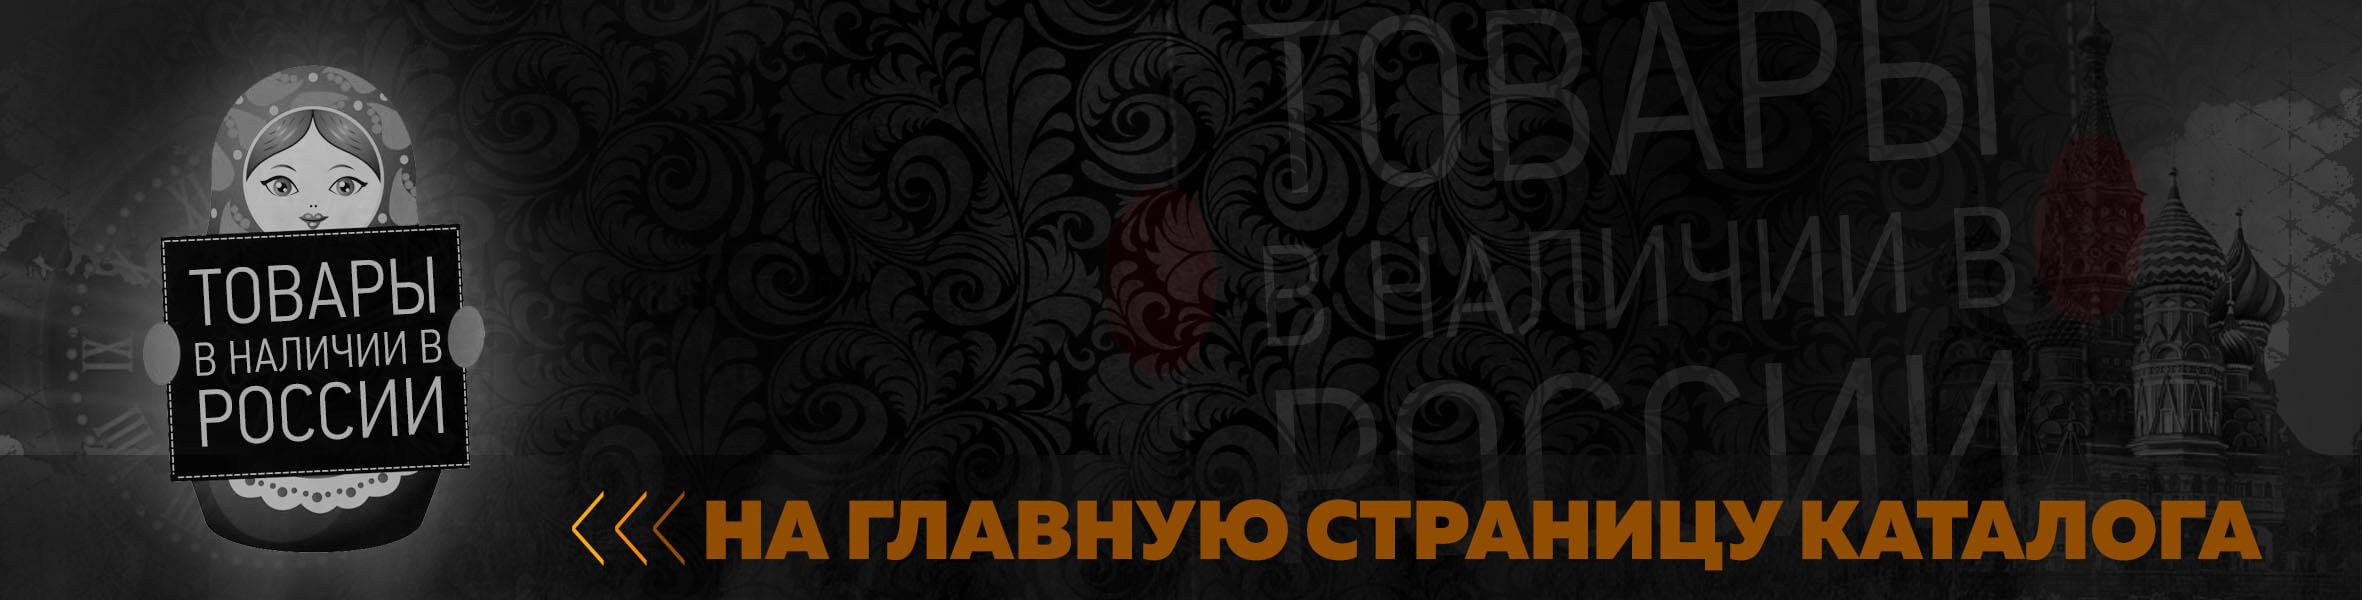 Брендовые осенние, весенние, демисезонные и зимние куртки в наличии в Москве, Краснодаре, Саратове, Самаре, Волгограде, Санкт-Петербурге, Казани, Крыму, Севастополе, Симферополе, Сочи, Ялте